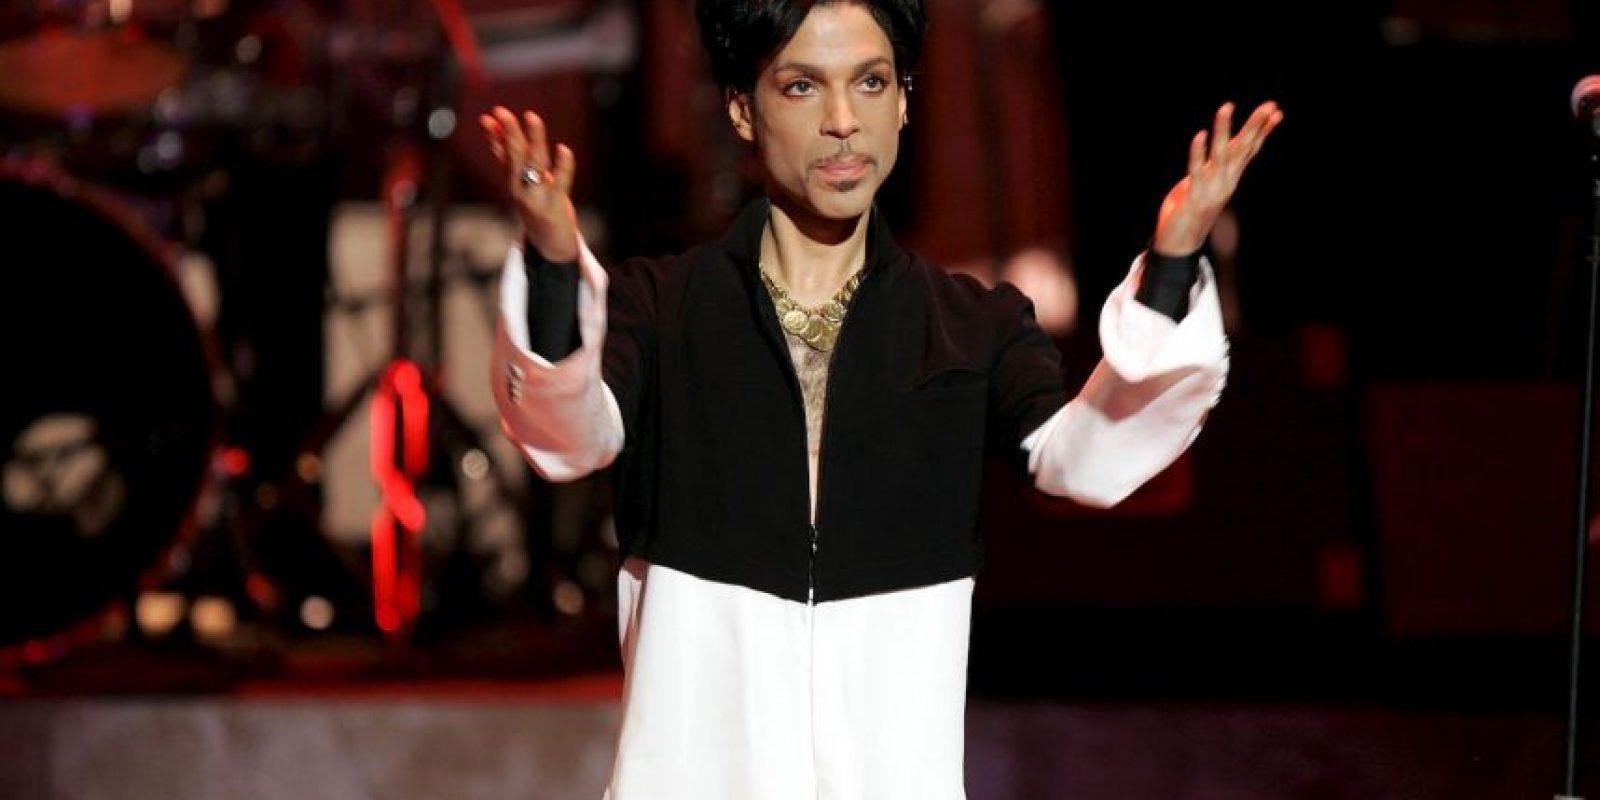 Ahora es recordado como uno de los mayores intérpretes de pop, funk y R&B de la historia. Foto:Vía Instagram/@Prince